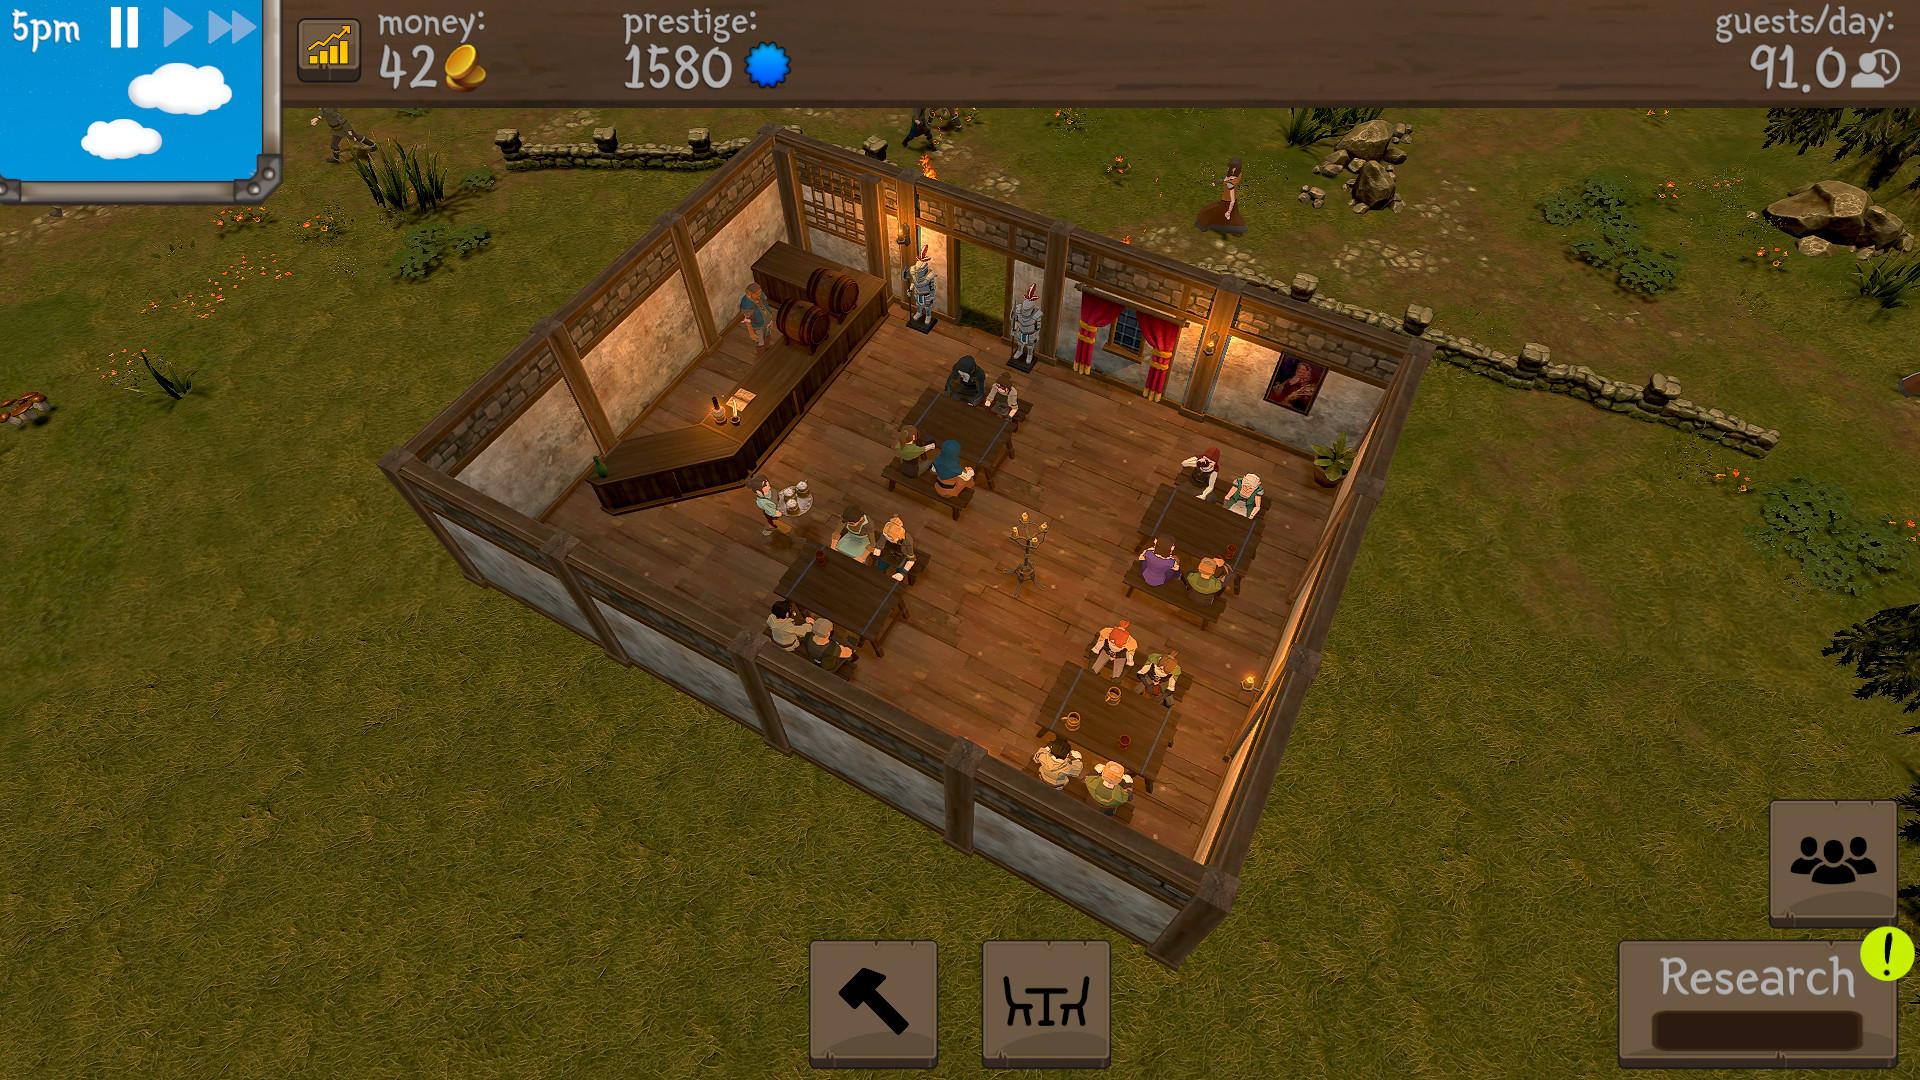 模拟经营游戏《酒馆带师》上架Steam 11月16日发售